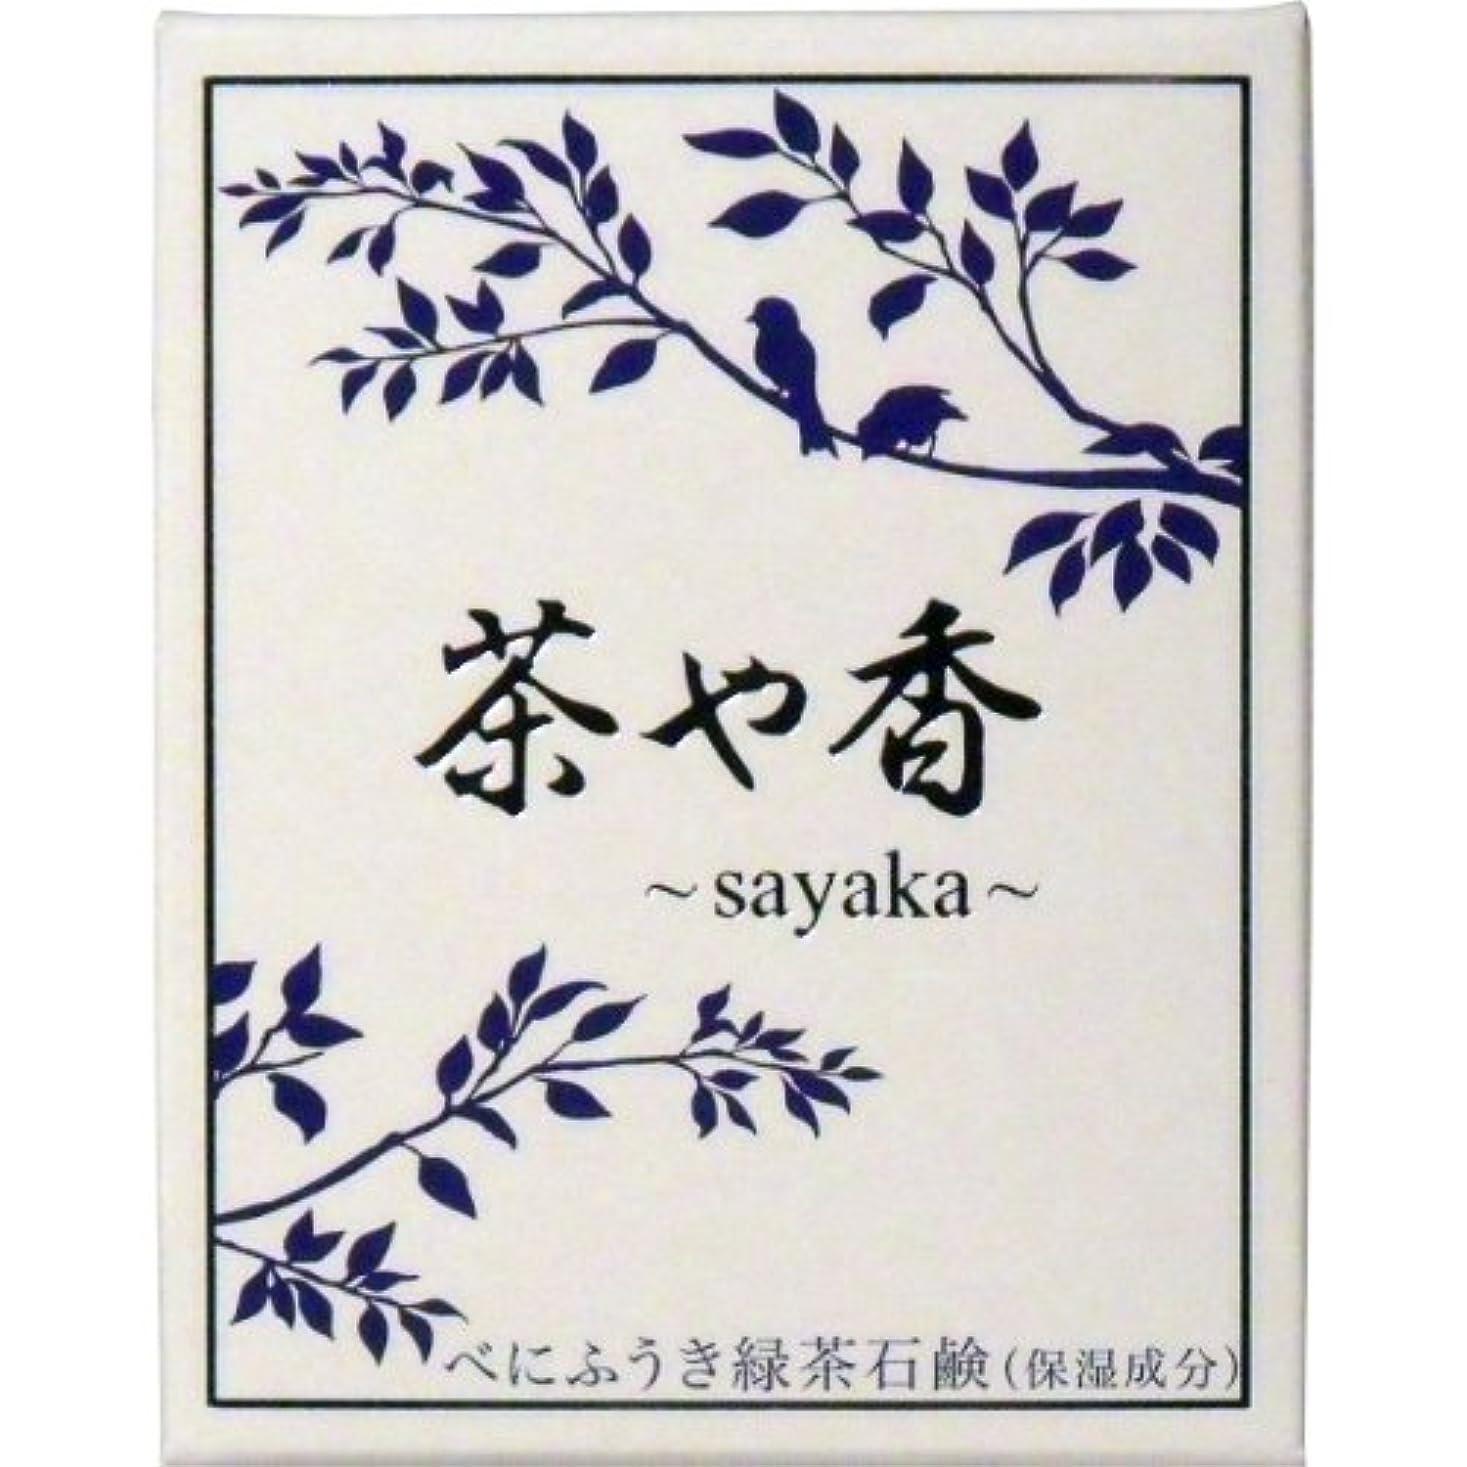 持続的地味な釈義進製作所 べにふうき緑茶石鹸 茶や香~sayaka~ 100g